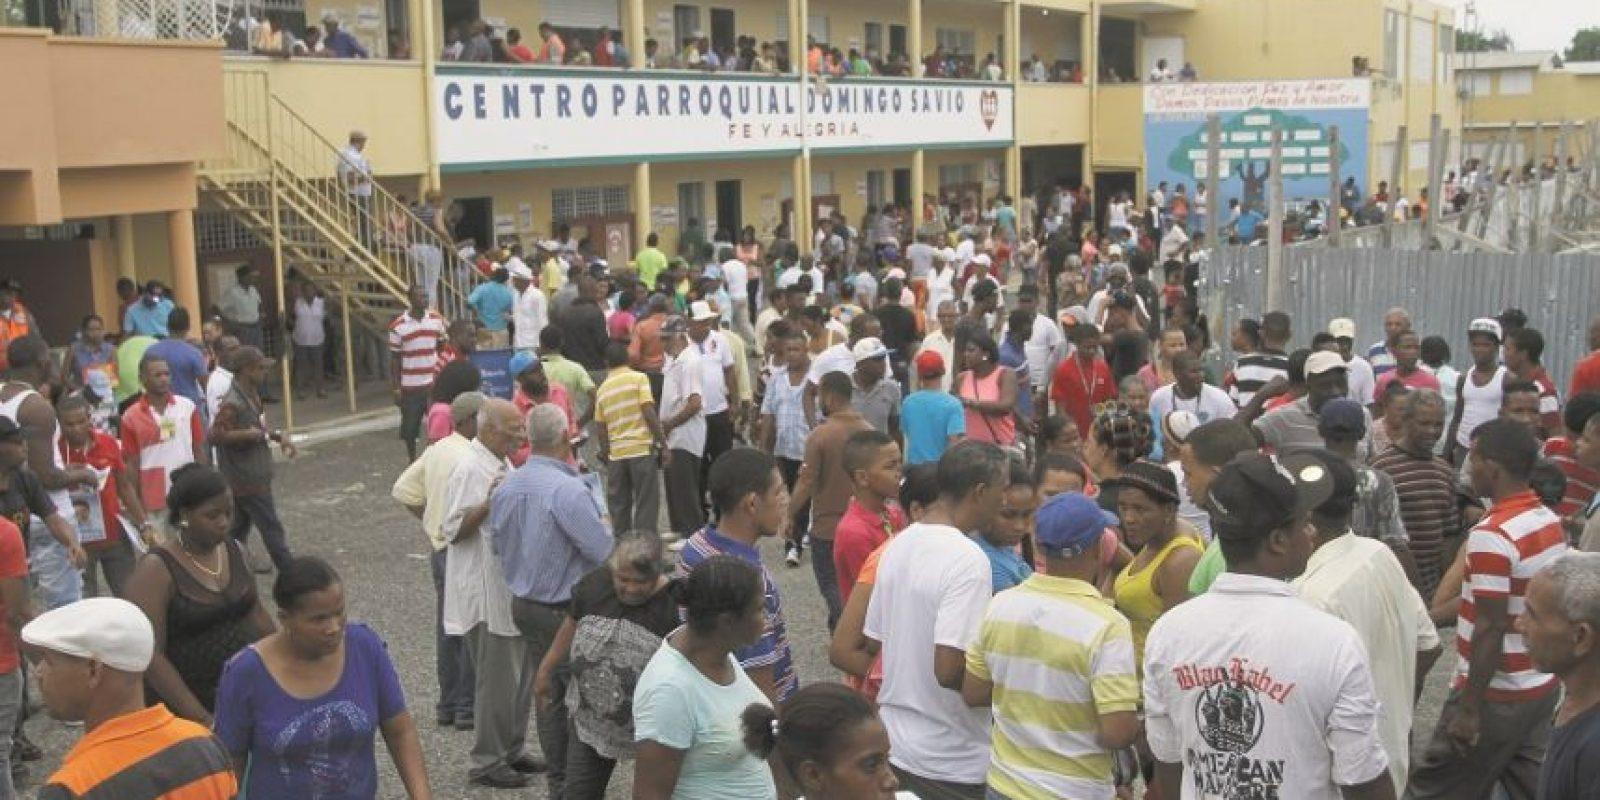 El centro escolar Santo Domingo Savio, en el sector Los Guandules, albergó a 17 colegios, una concurrencia un tanto desordenada y las quejas por el retraso de los equipos electrónicos. Foto:Roberto Guzmán